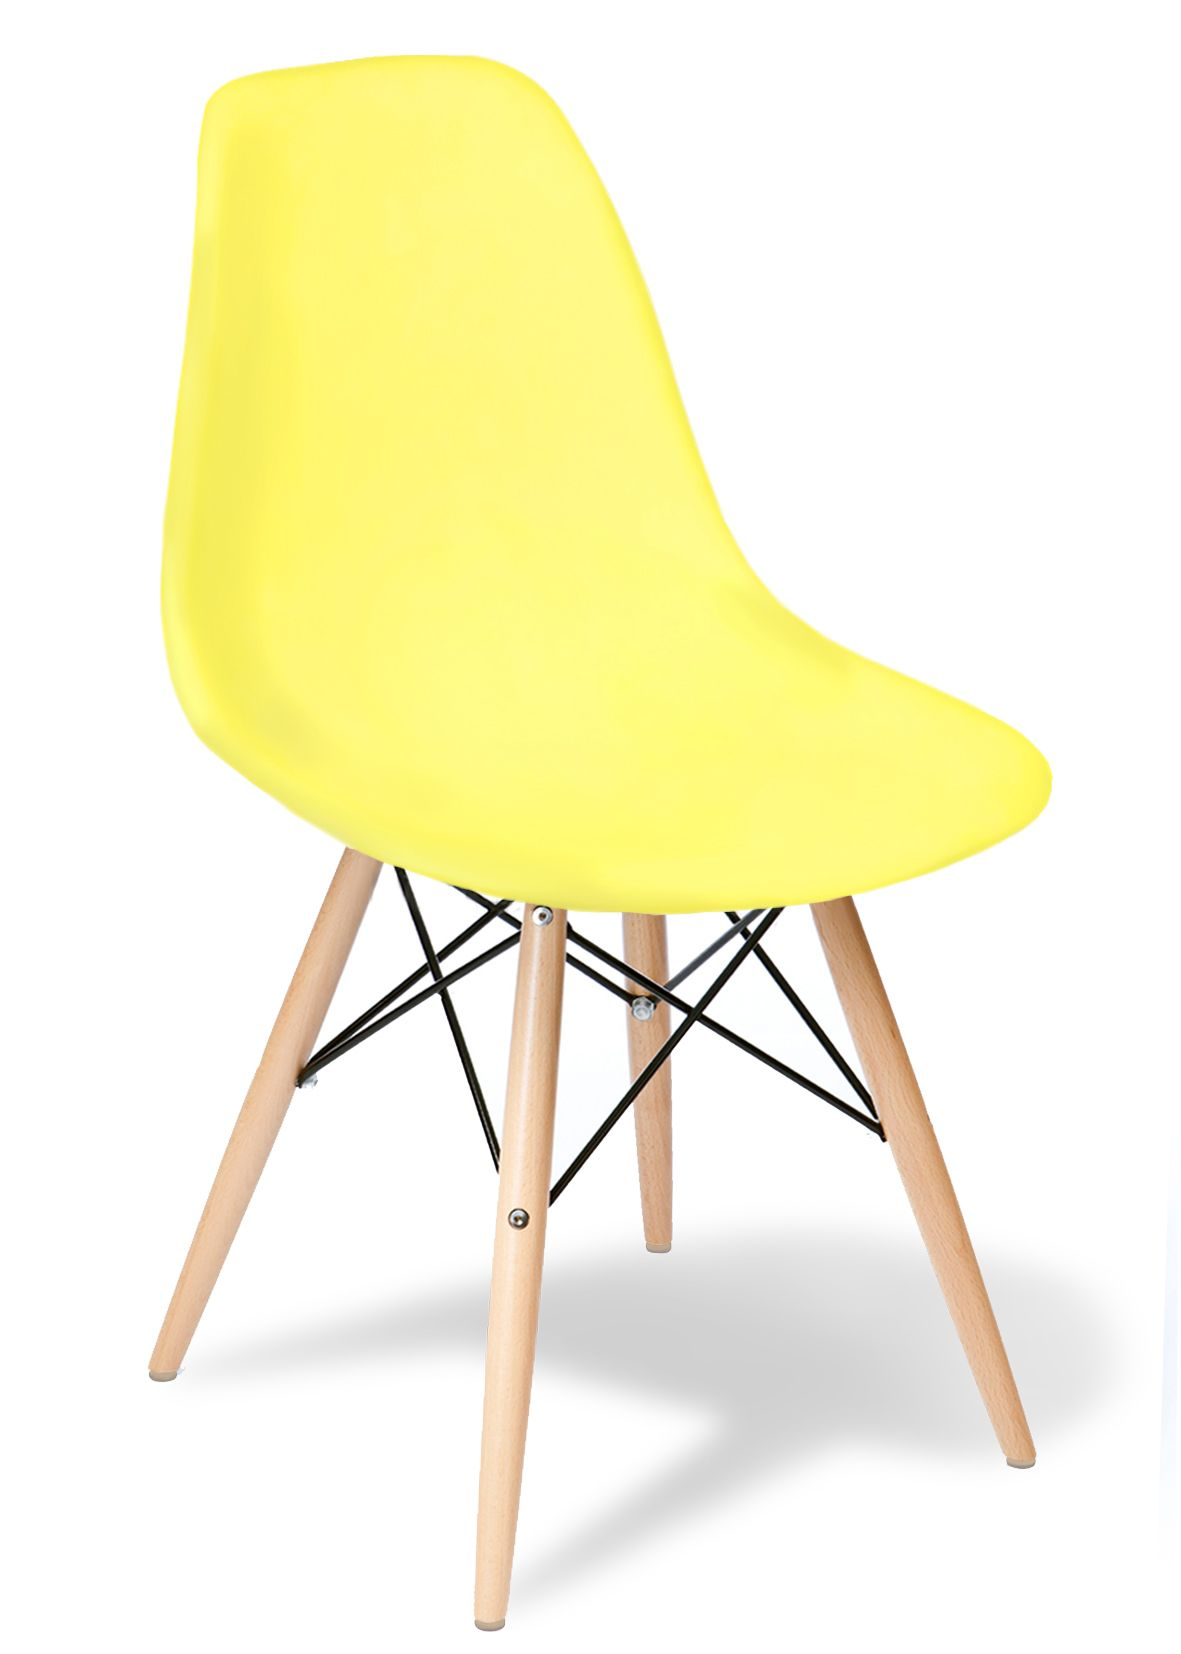 Silla Eames Dsw Inspirada New Edition Cosas Que Comprar In